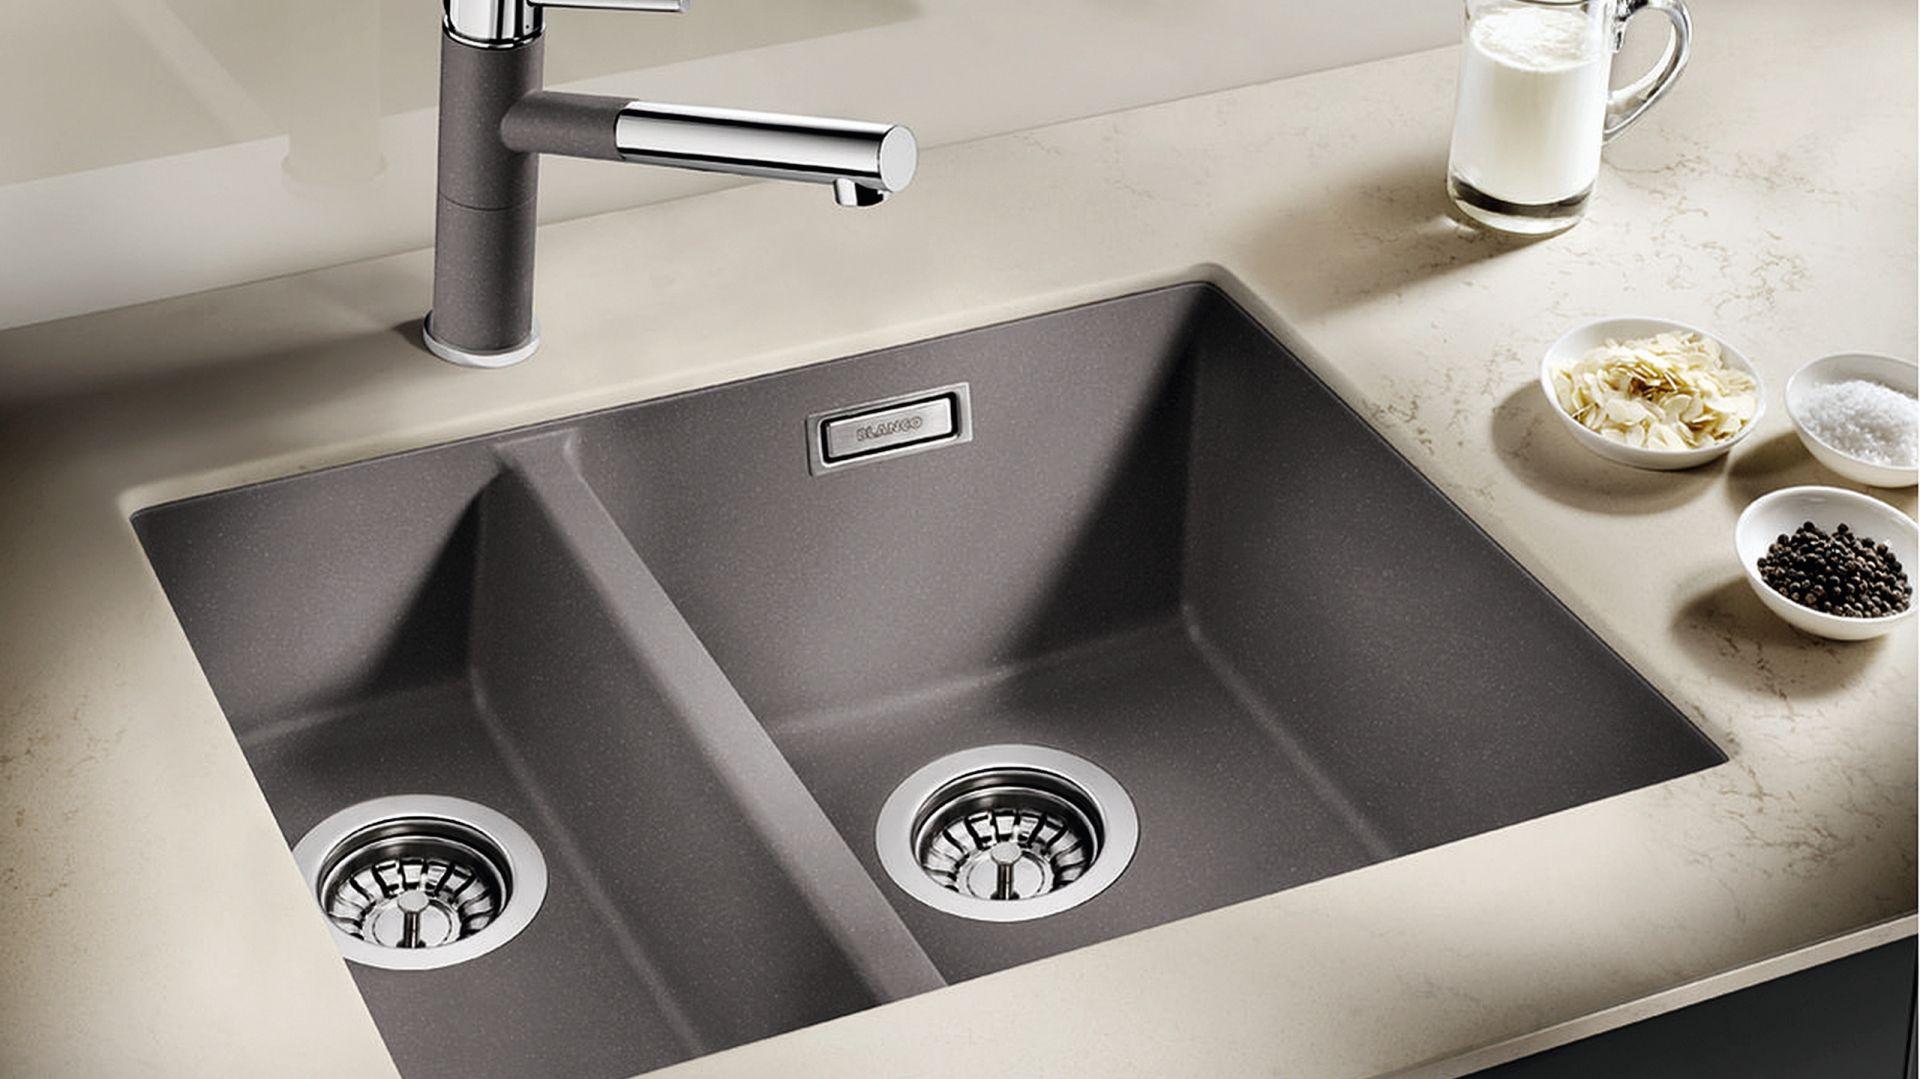 SUBLINE 340/160-U - półtorakomorowy; z kompozytu SILGRANIT® PuraDur®; przelew C-overflow®; wersja z korkiem automatycznym lub bez; 9 kolorów do wyboru. Fot. Blanco.